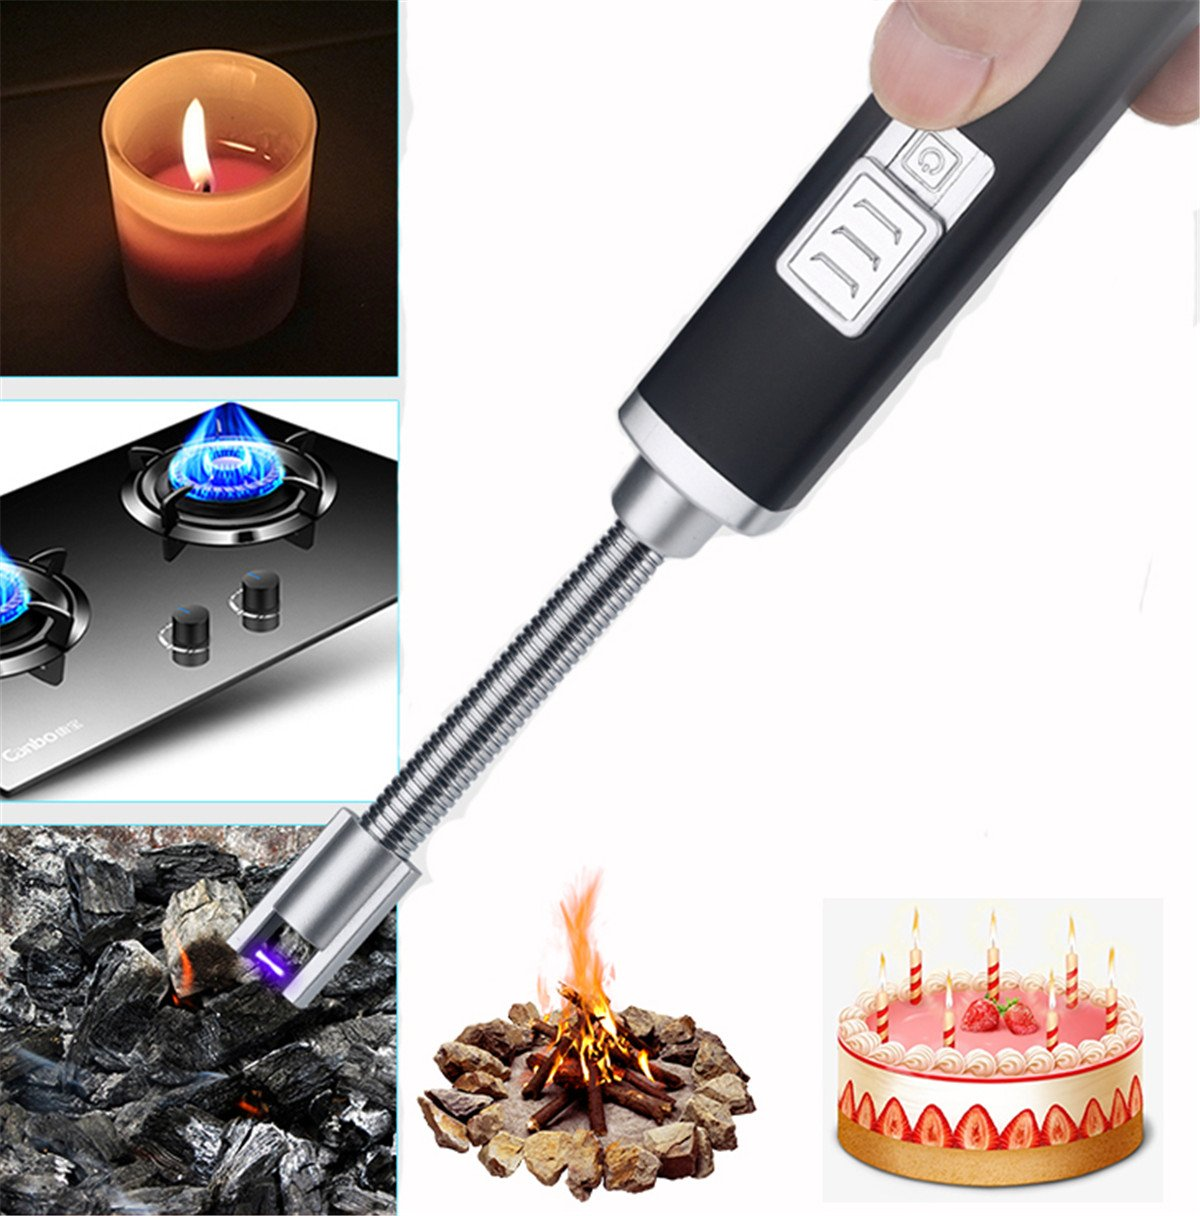 JIM'S STORE Electric Arc Accendino, USB ricaricabile senza fiamma candela Lighter no Fuel Lighter per cucina Barbecue campeggio casa cucina stufa barbecue camini, cavo USB incluso (Argento) Jim' s Stores